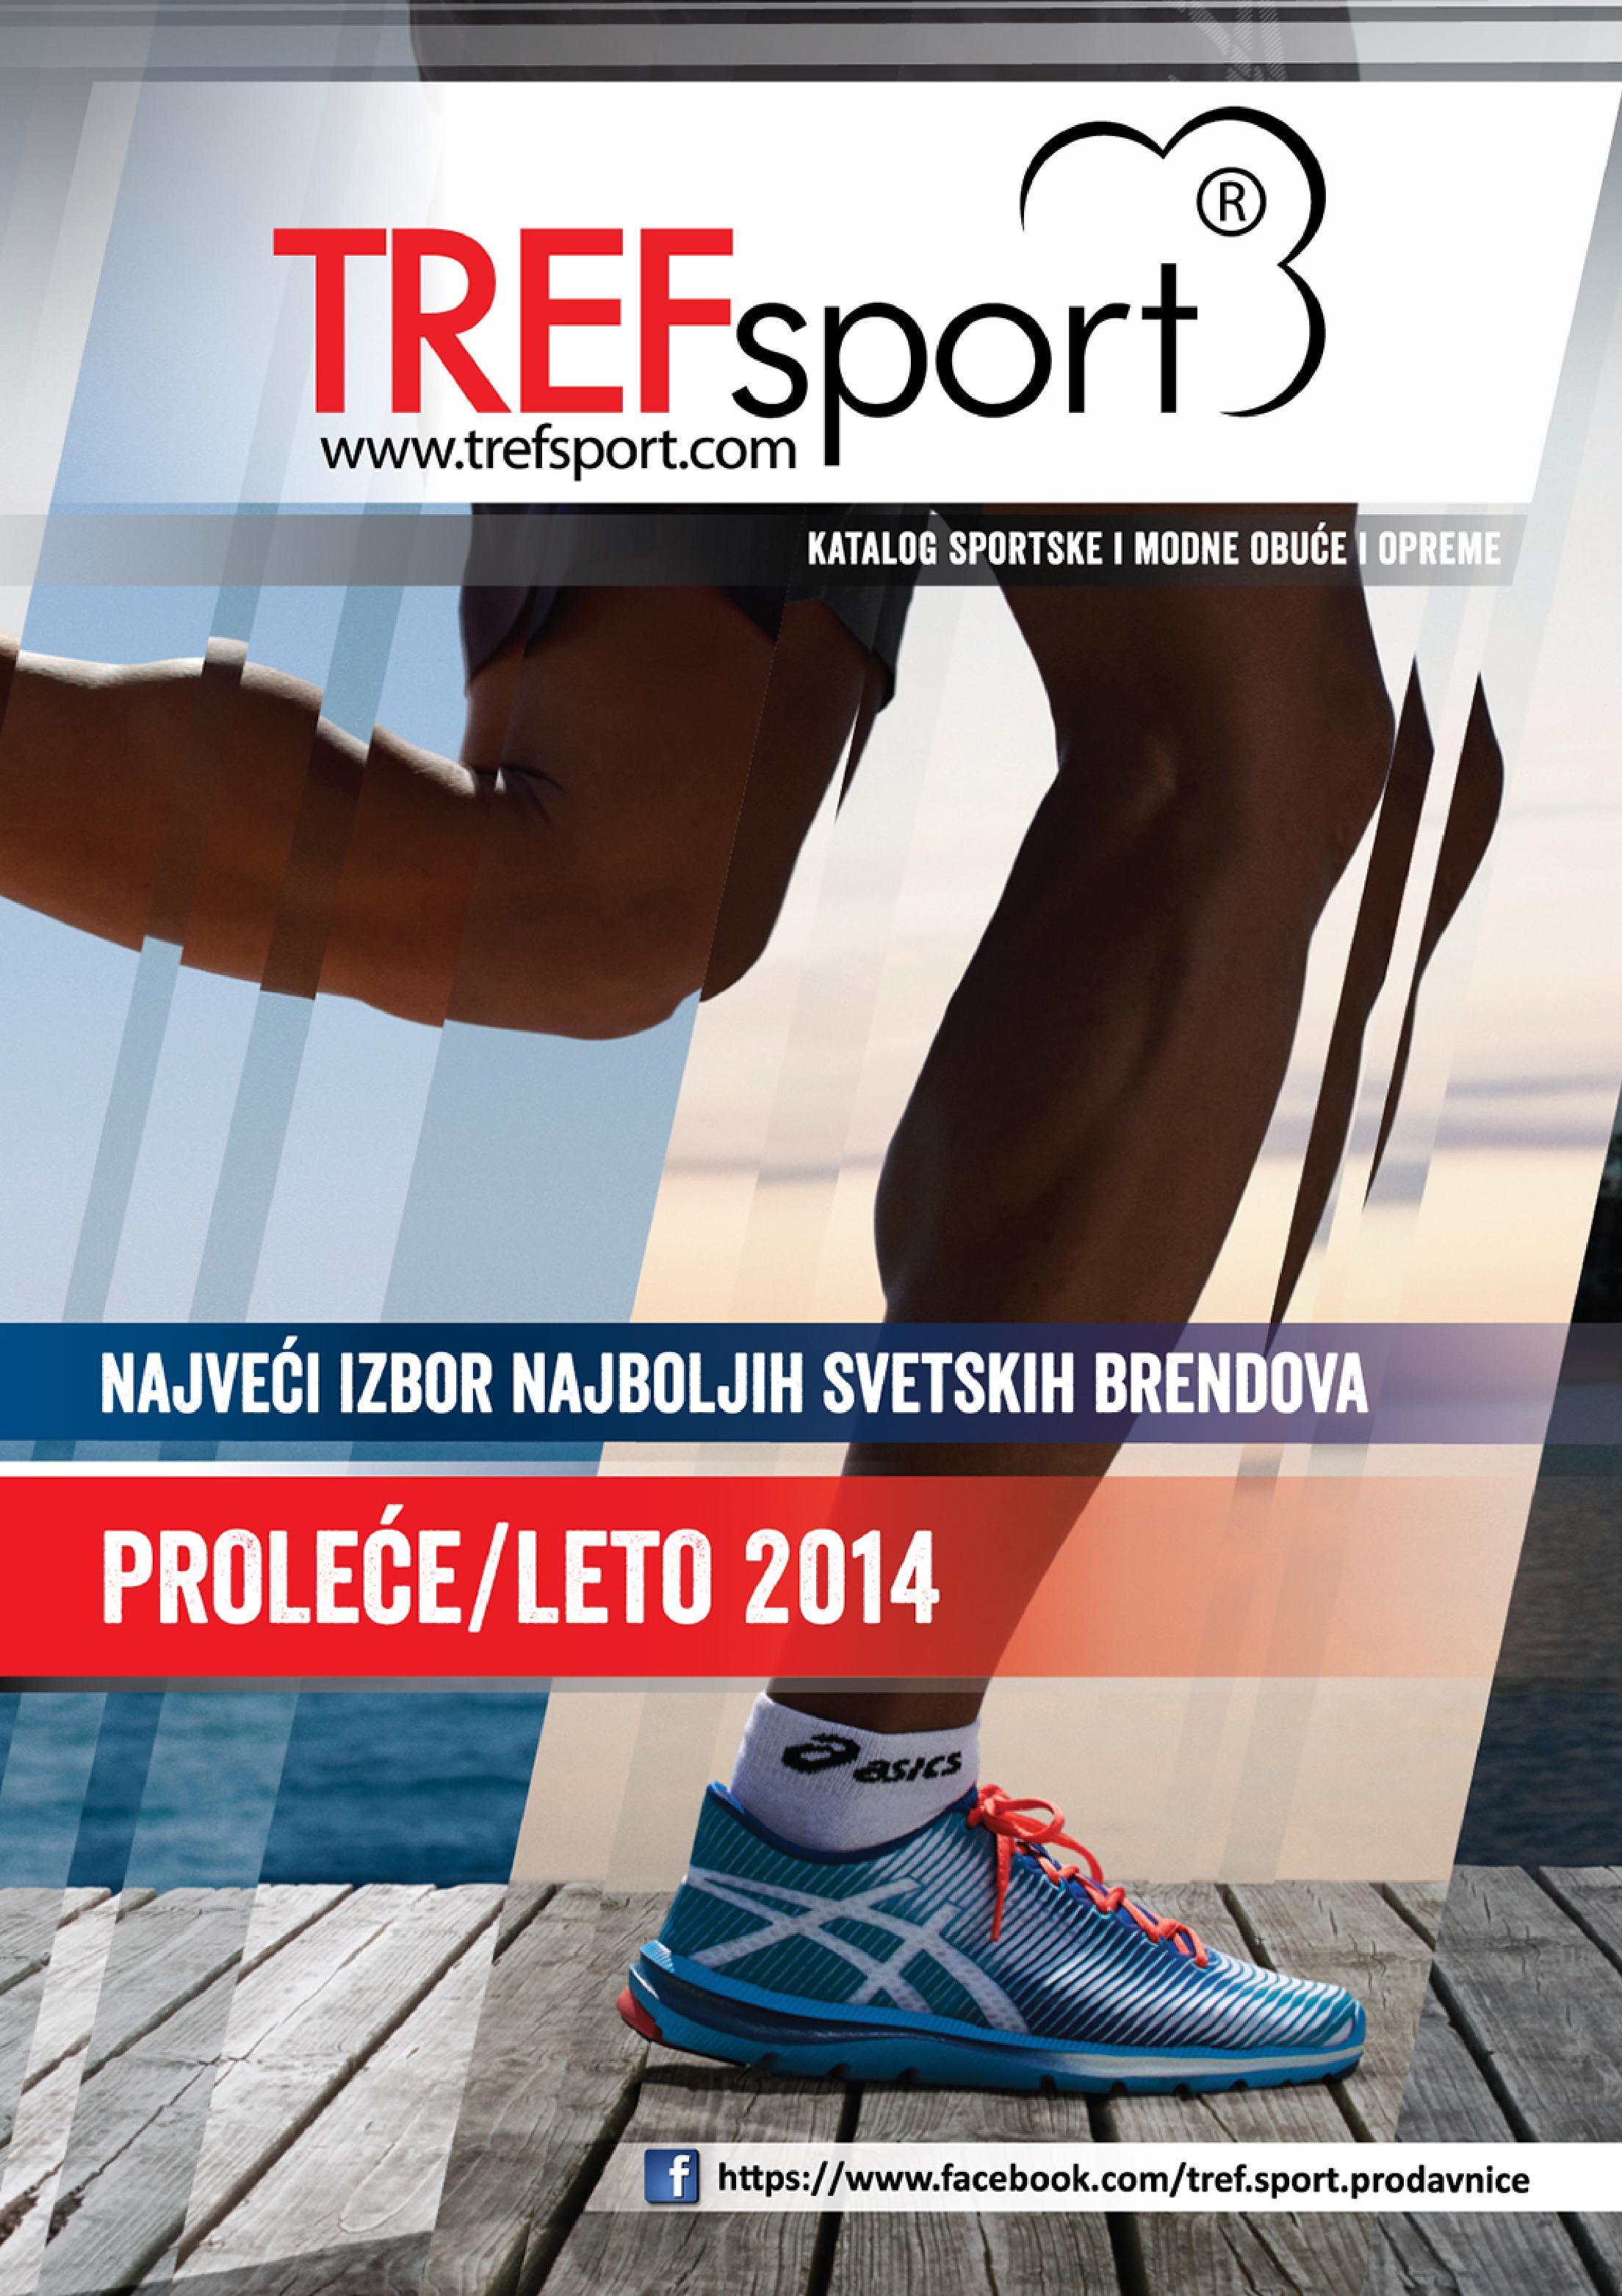 Tref Sport akcija sjajnih cena